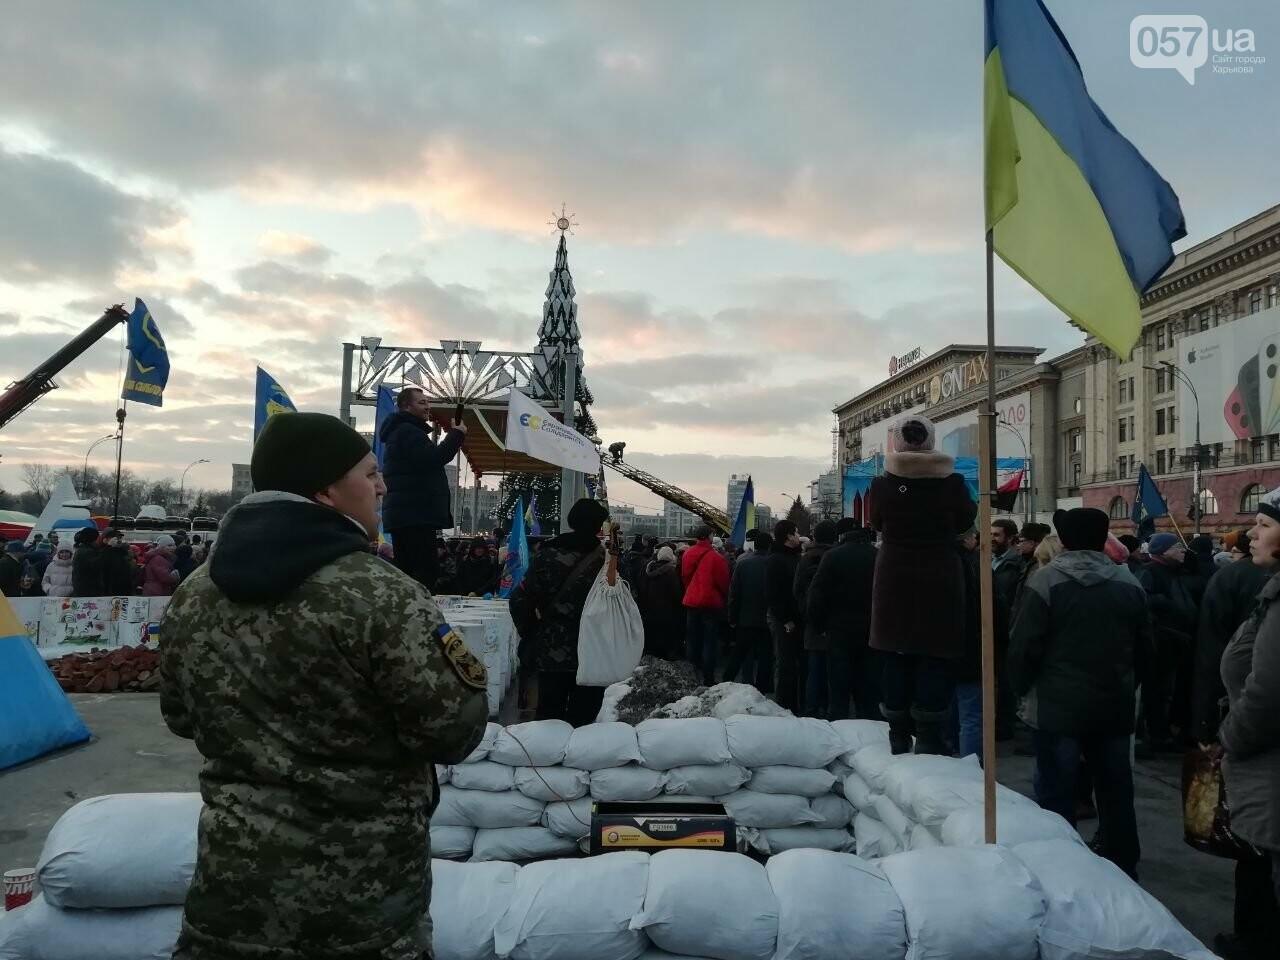 «Никаких уступок Путину»: на площади Свободы прошло народное вече, - ФОТО, фото-4